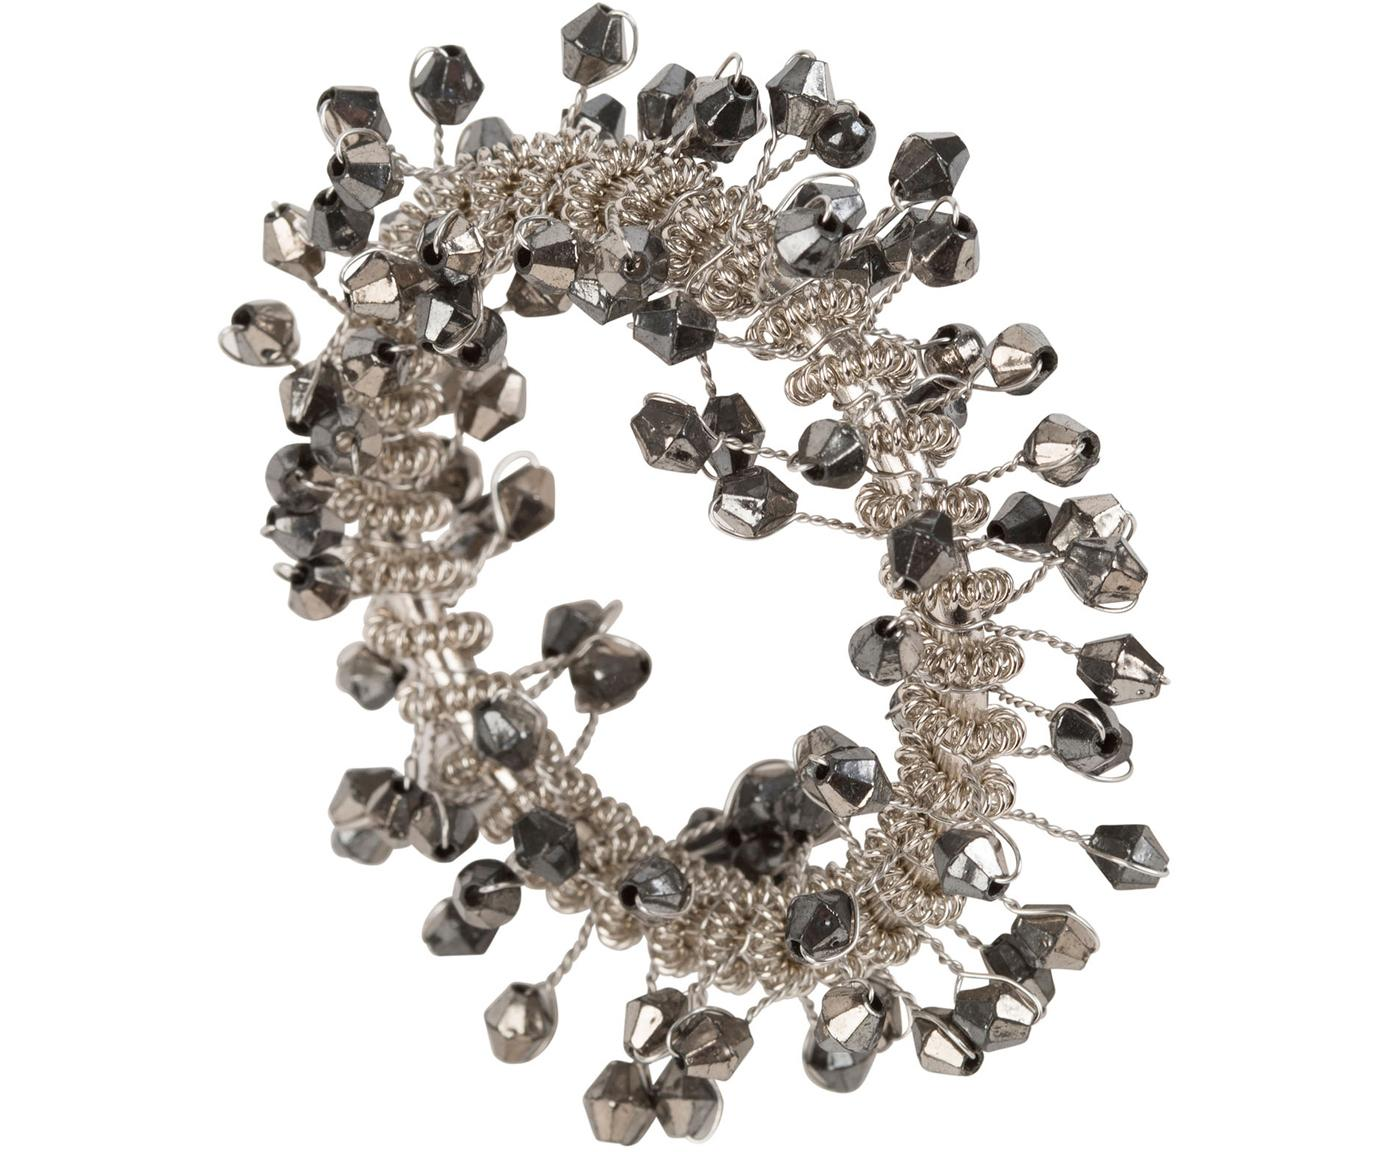 Obrączka na serwetkę Perlia, 2 szt., Tworzywo sztuczne, szkło, metal, Szary, metal, Ø 4 cm